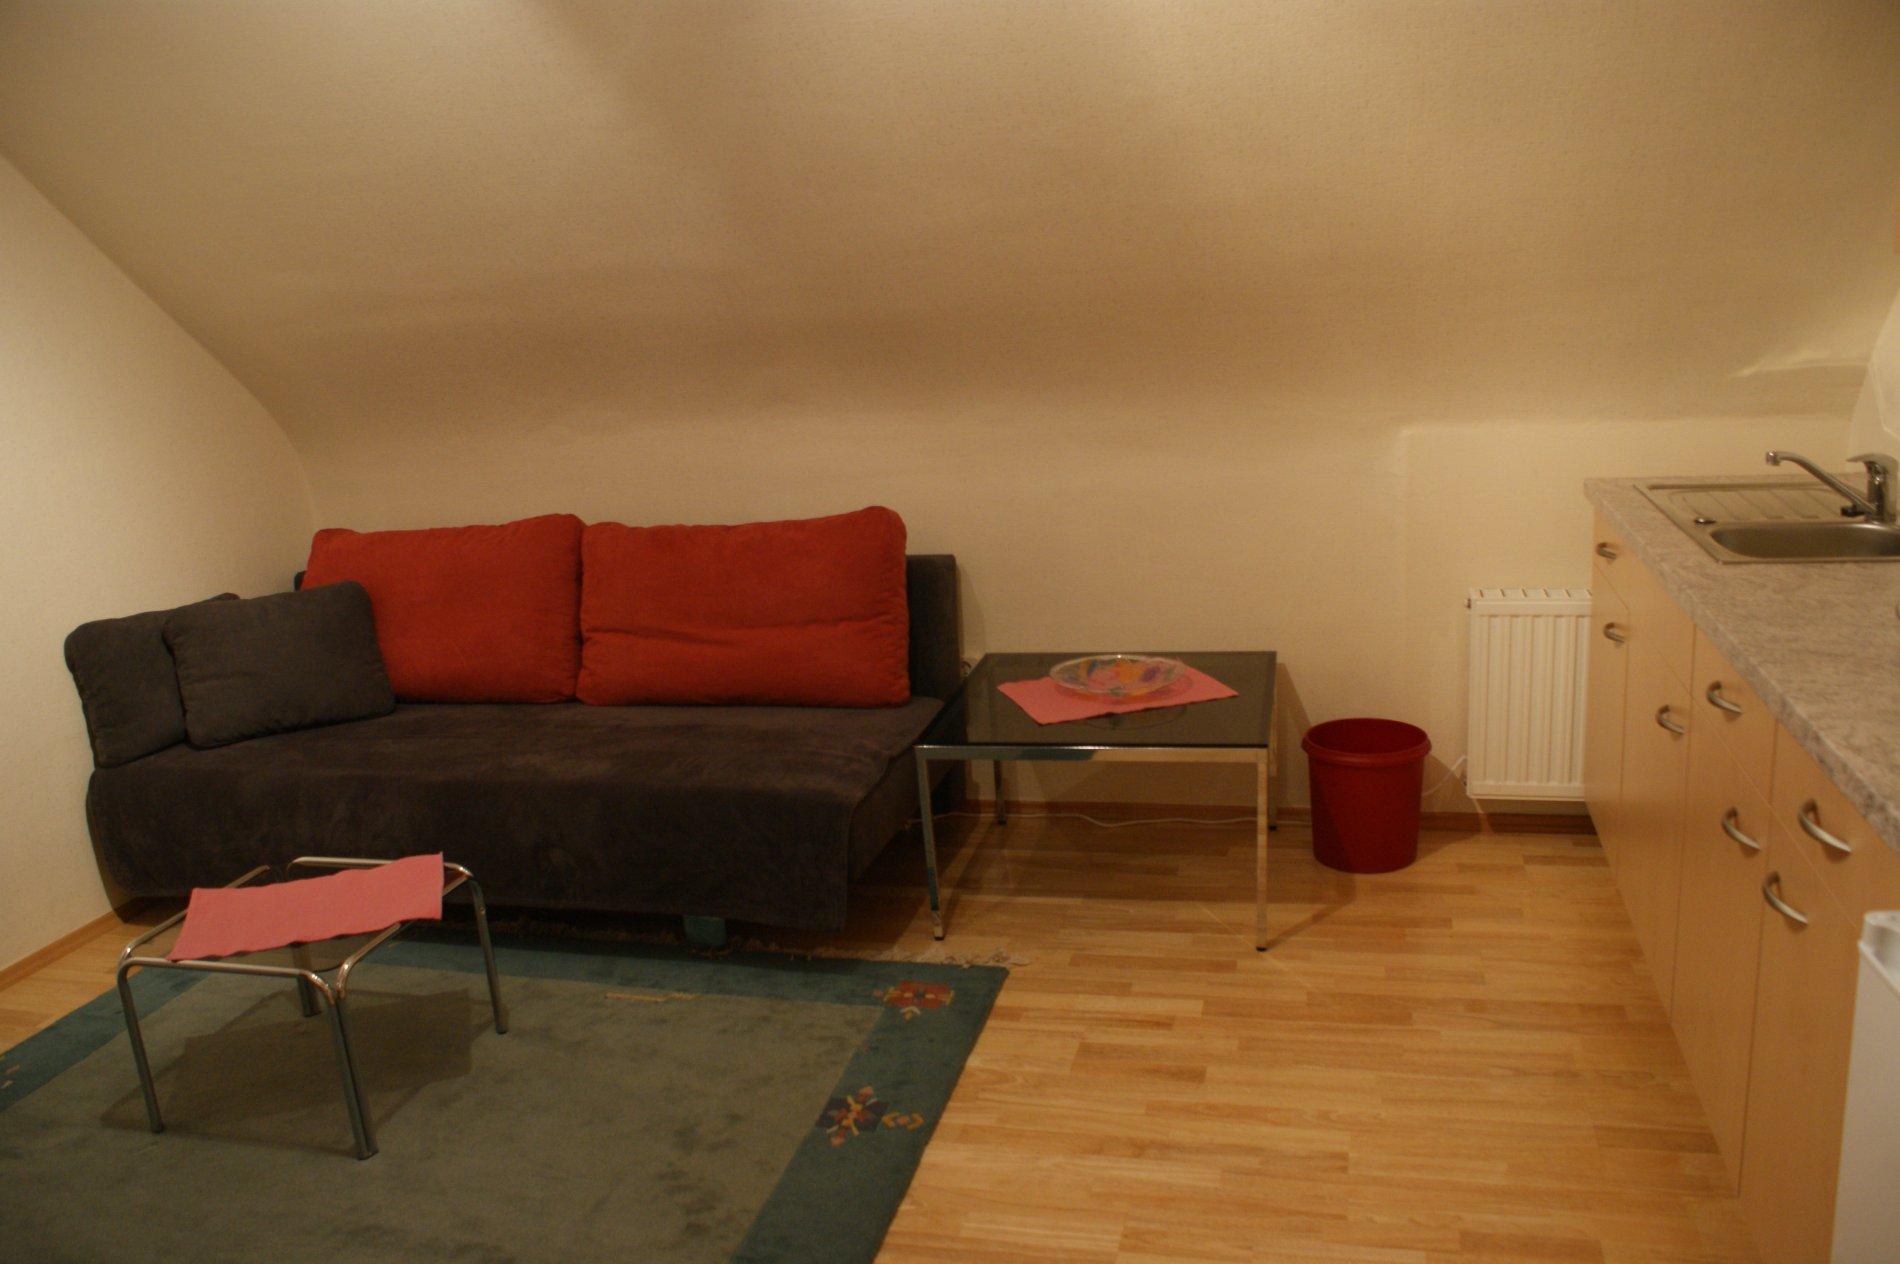 Schwarze Couch mit roten Kissen und zwei kleine Tische